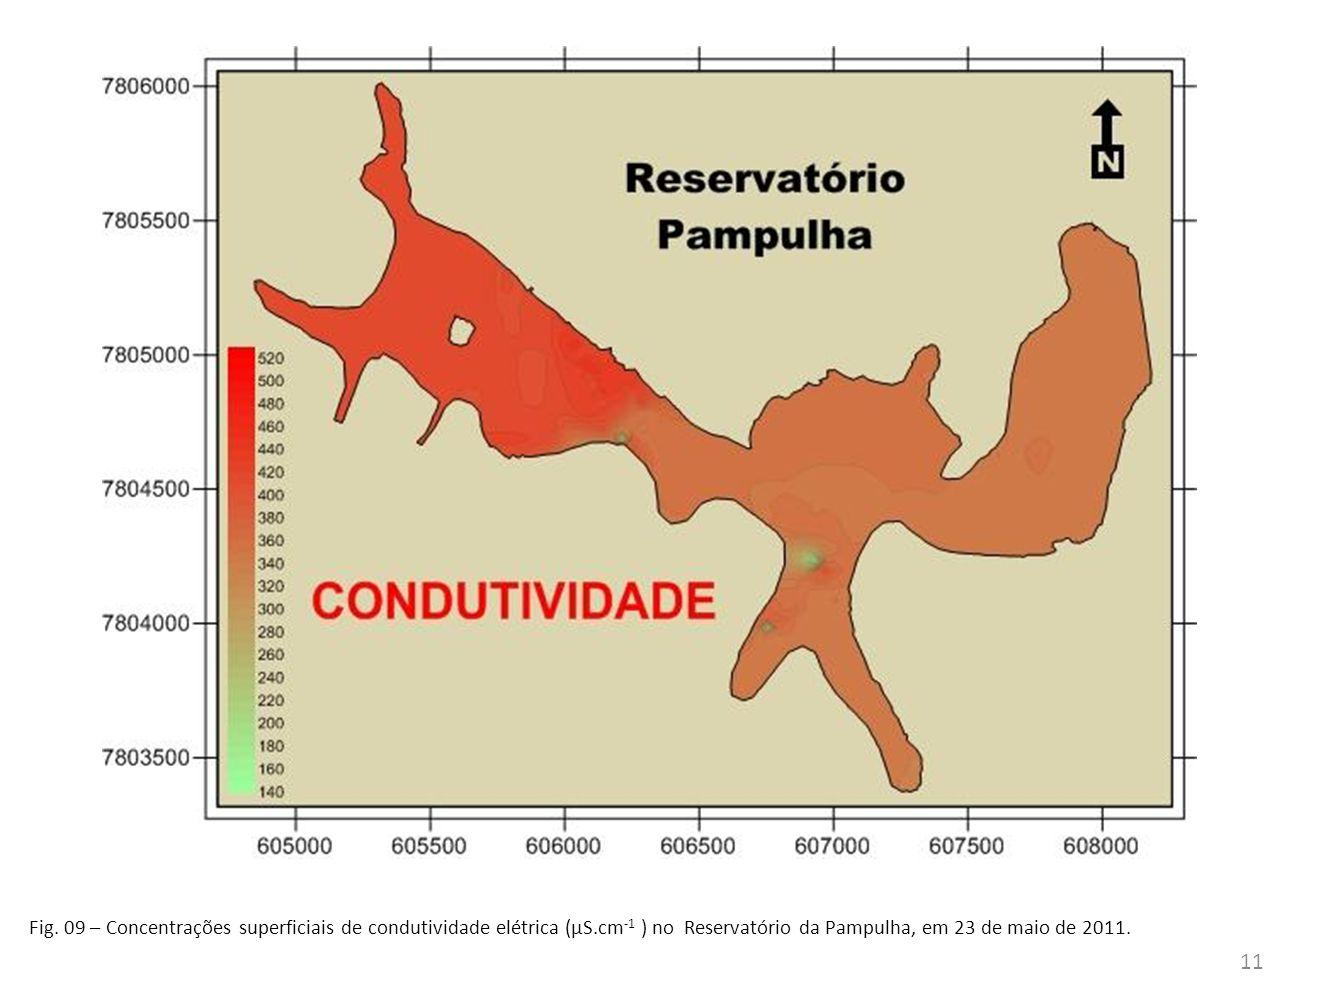 Fig. 09 – Concentrações superficiais de condutividade elétrica (µS.cm -1 ) no Reservatório da Pampulha, em 23 de maio de 2011. 11